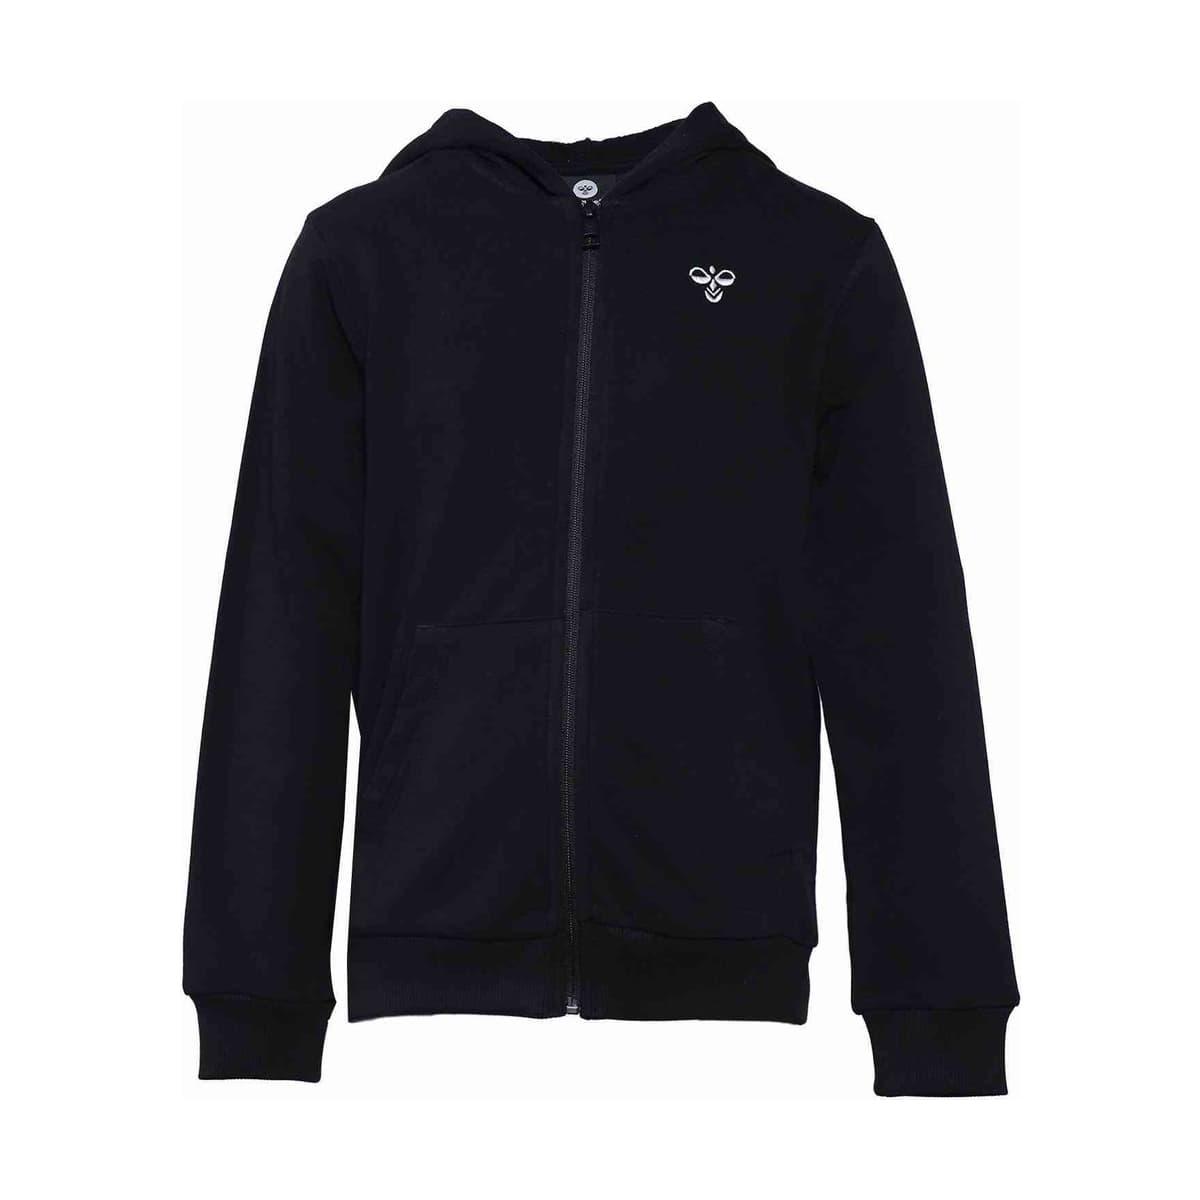 Felinos Çocuk Siyah Fermuarlı Sweatshirt (921164-2001)